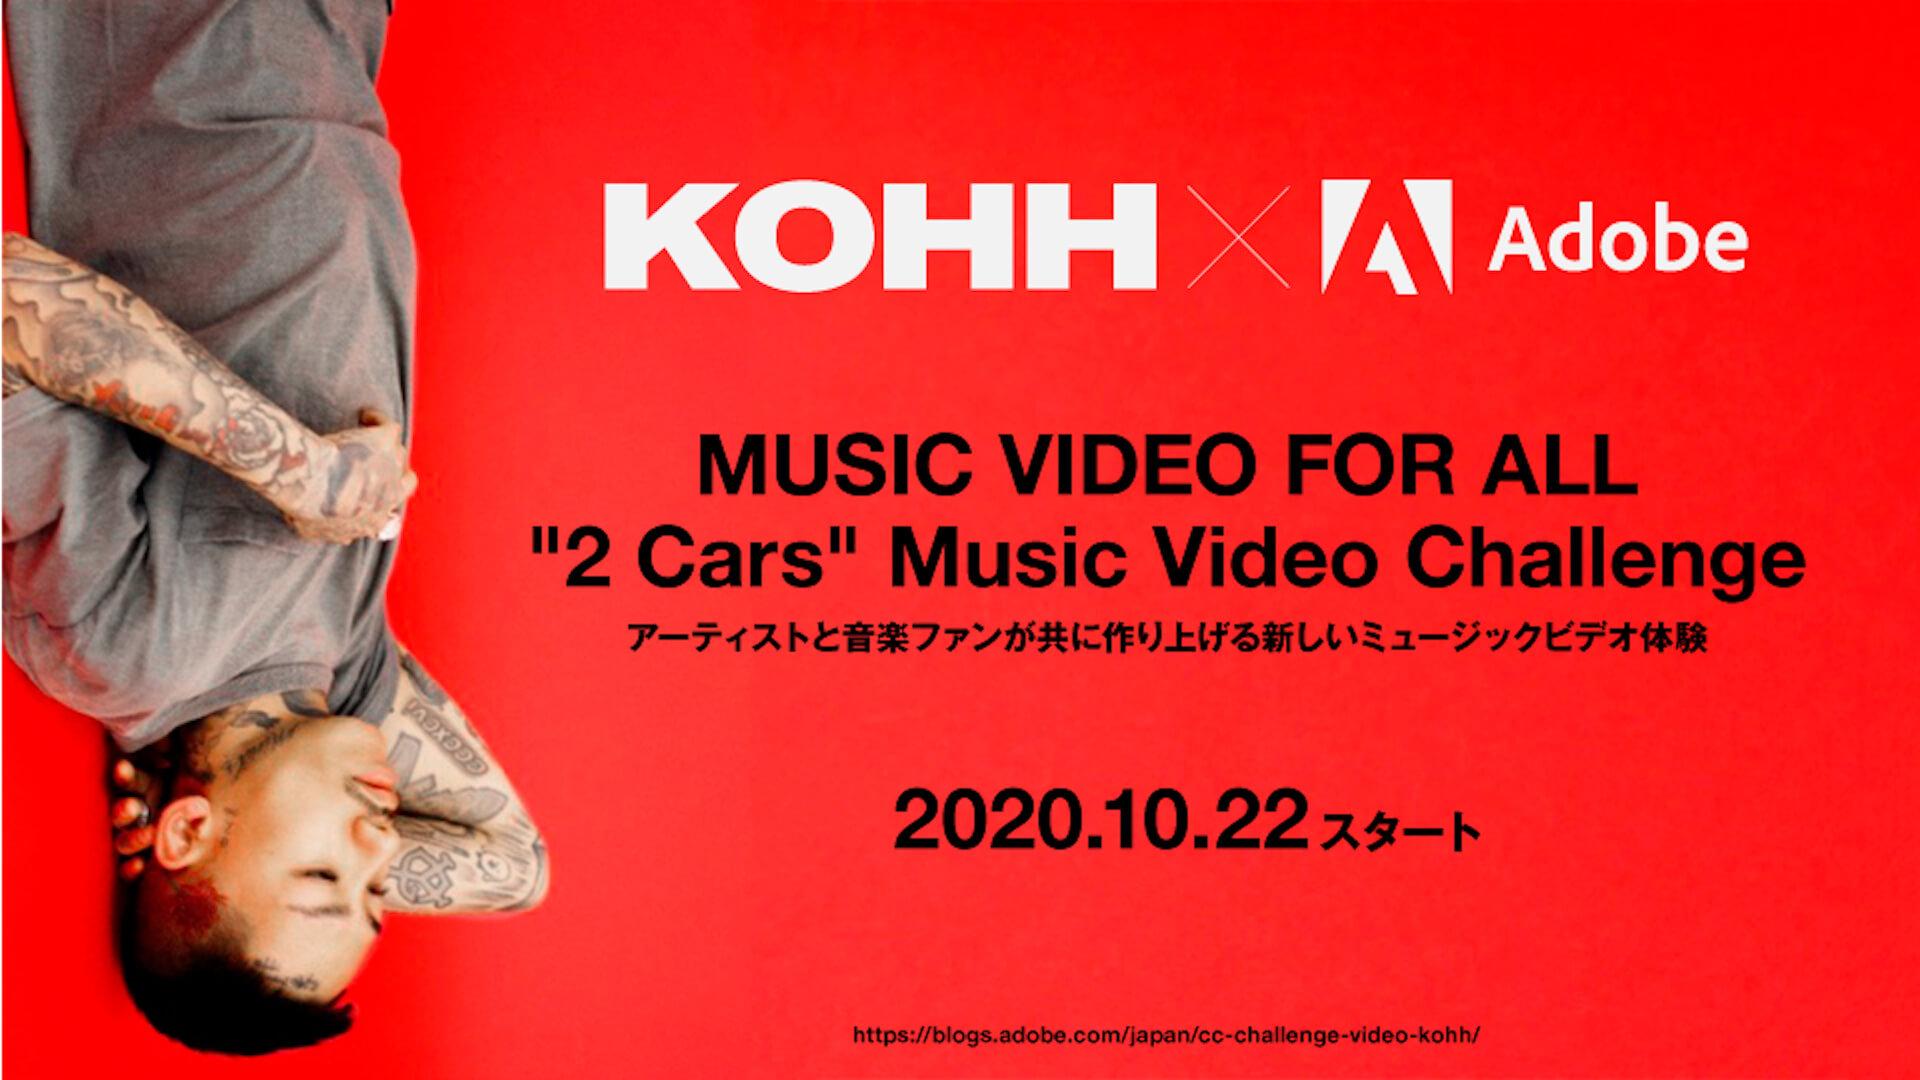 """引退を発表したKOHHの楽曲""""2 Cars""""のMVを制作しよう!Adobeとコラボしたプロジェクト『Music Video for All. """"2 Cars"""" Music Video Challenge』が始動 music201022_kohh_adobe_2"""